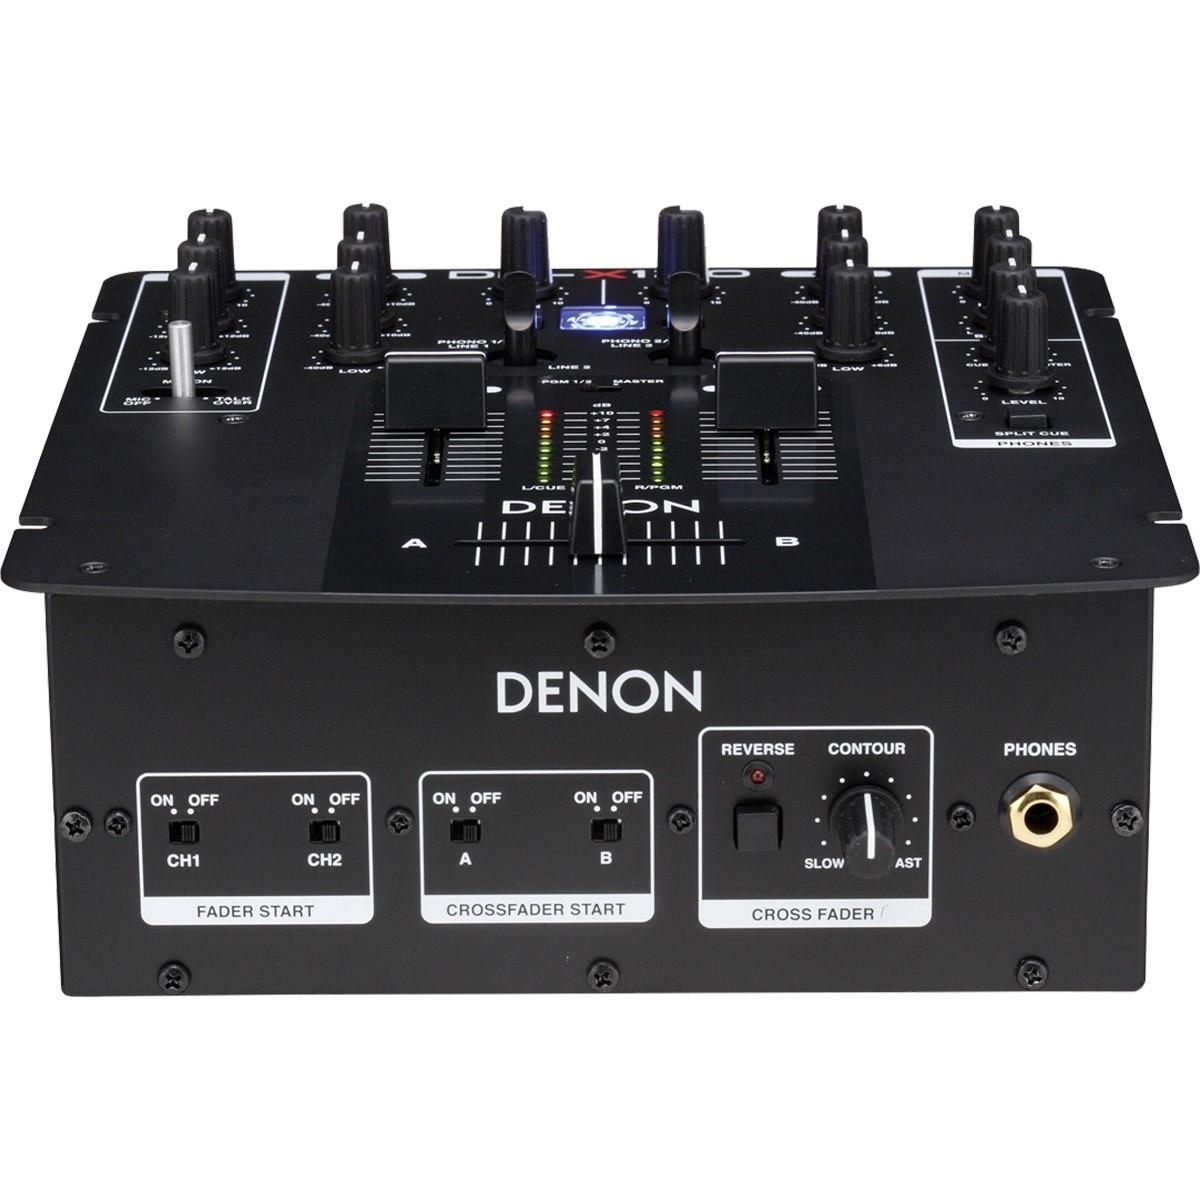 Denon DN-X120 Mixer Dj, 110v